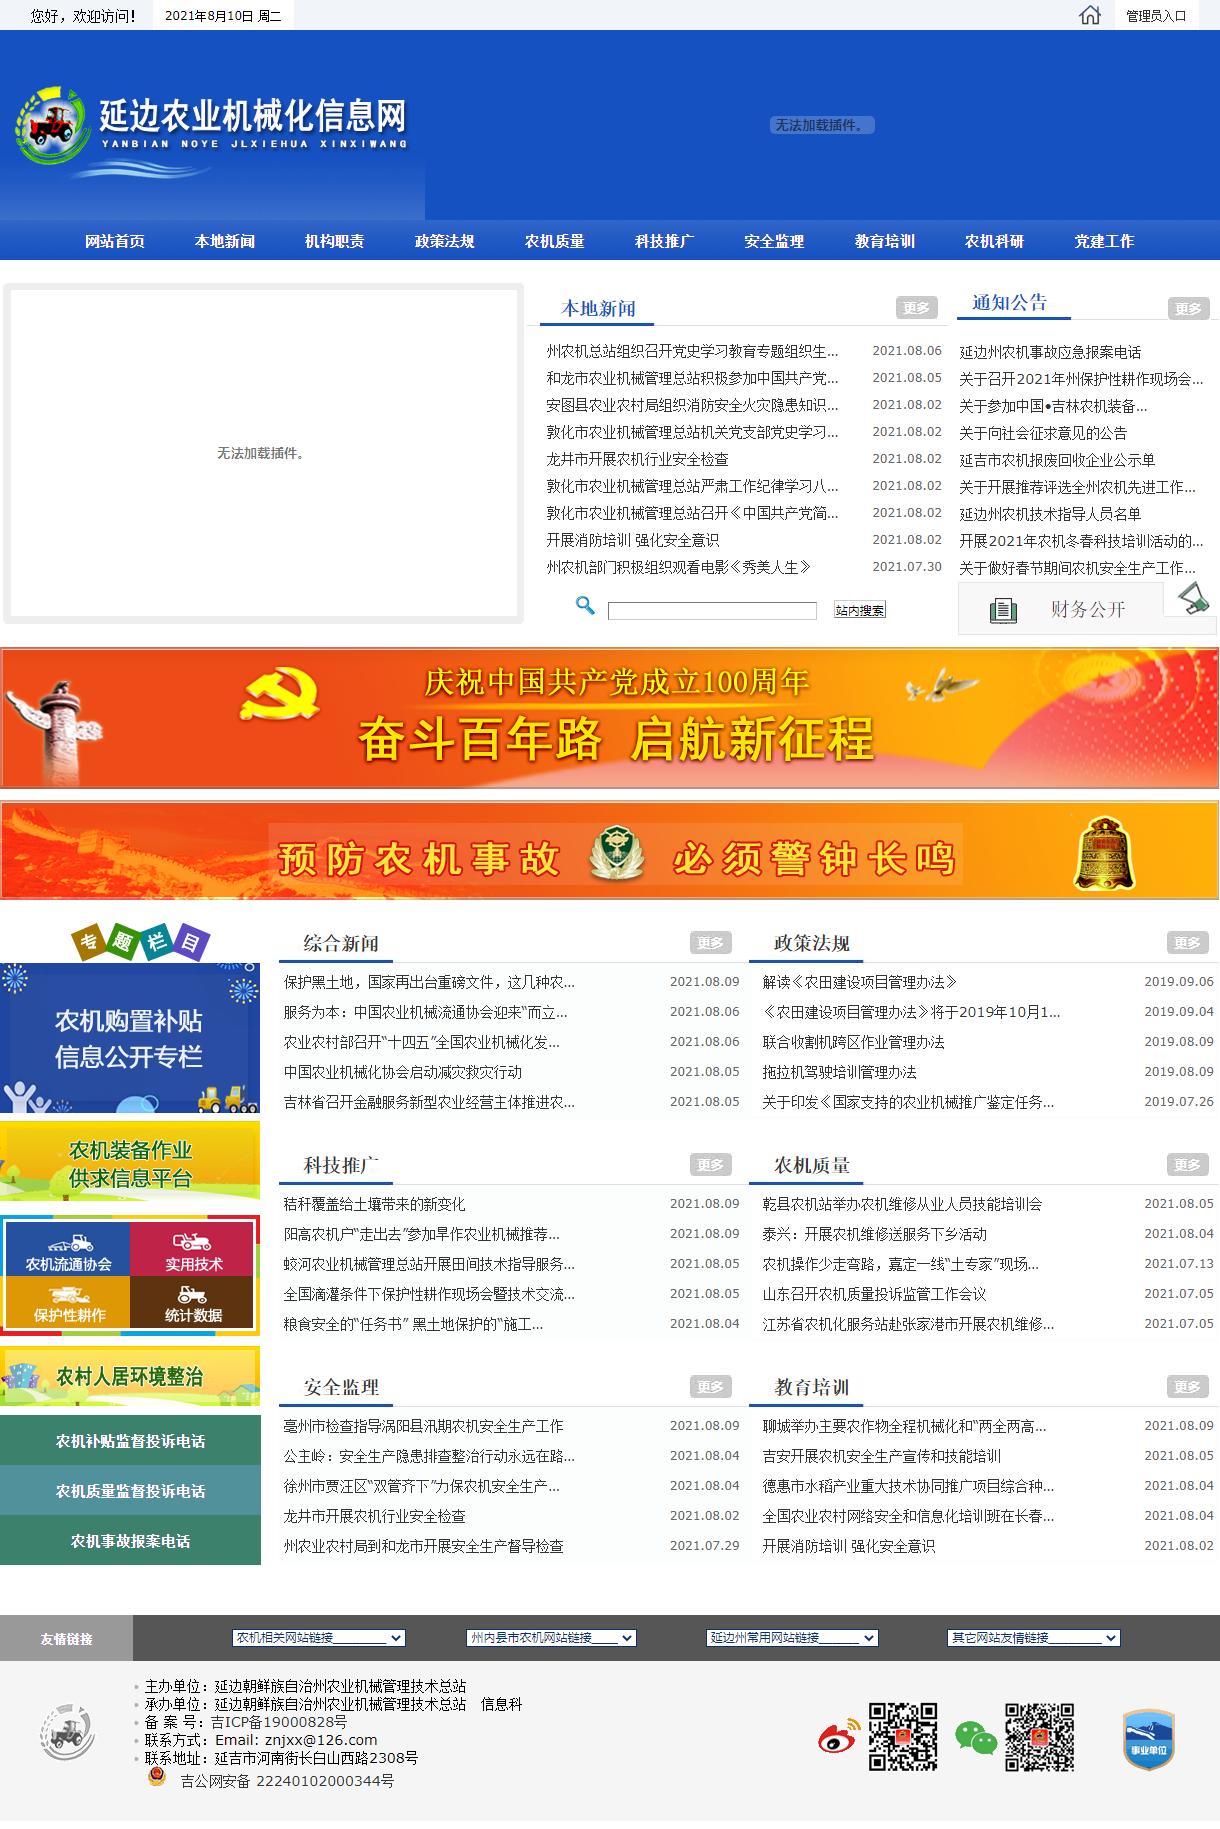 延边朝鲜族自治州农业机械管理技术总站(延边朝鲜族自治州农业机械推广站)网站案例